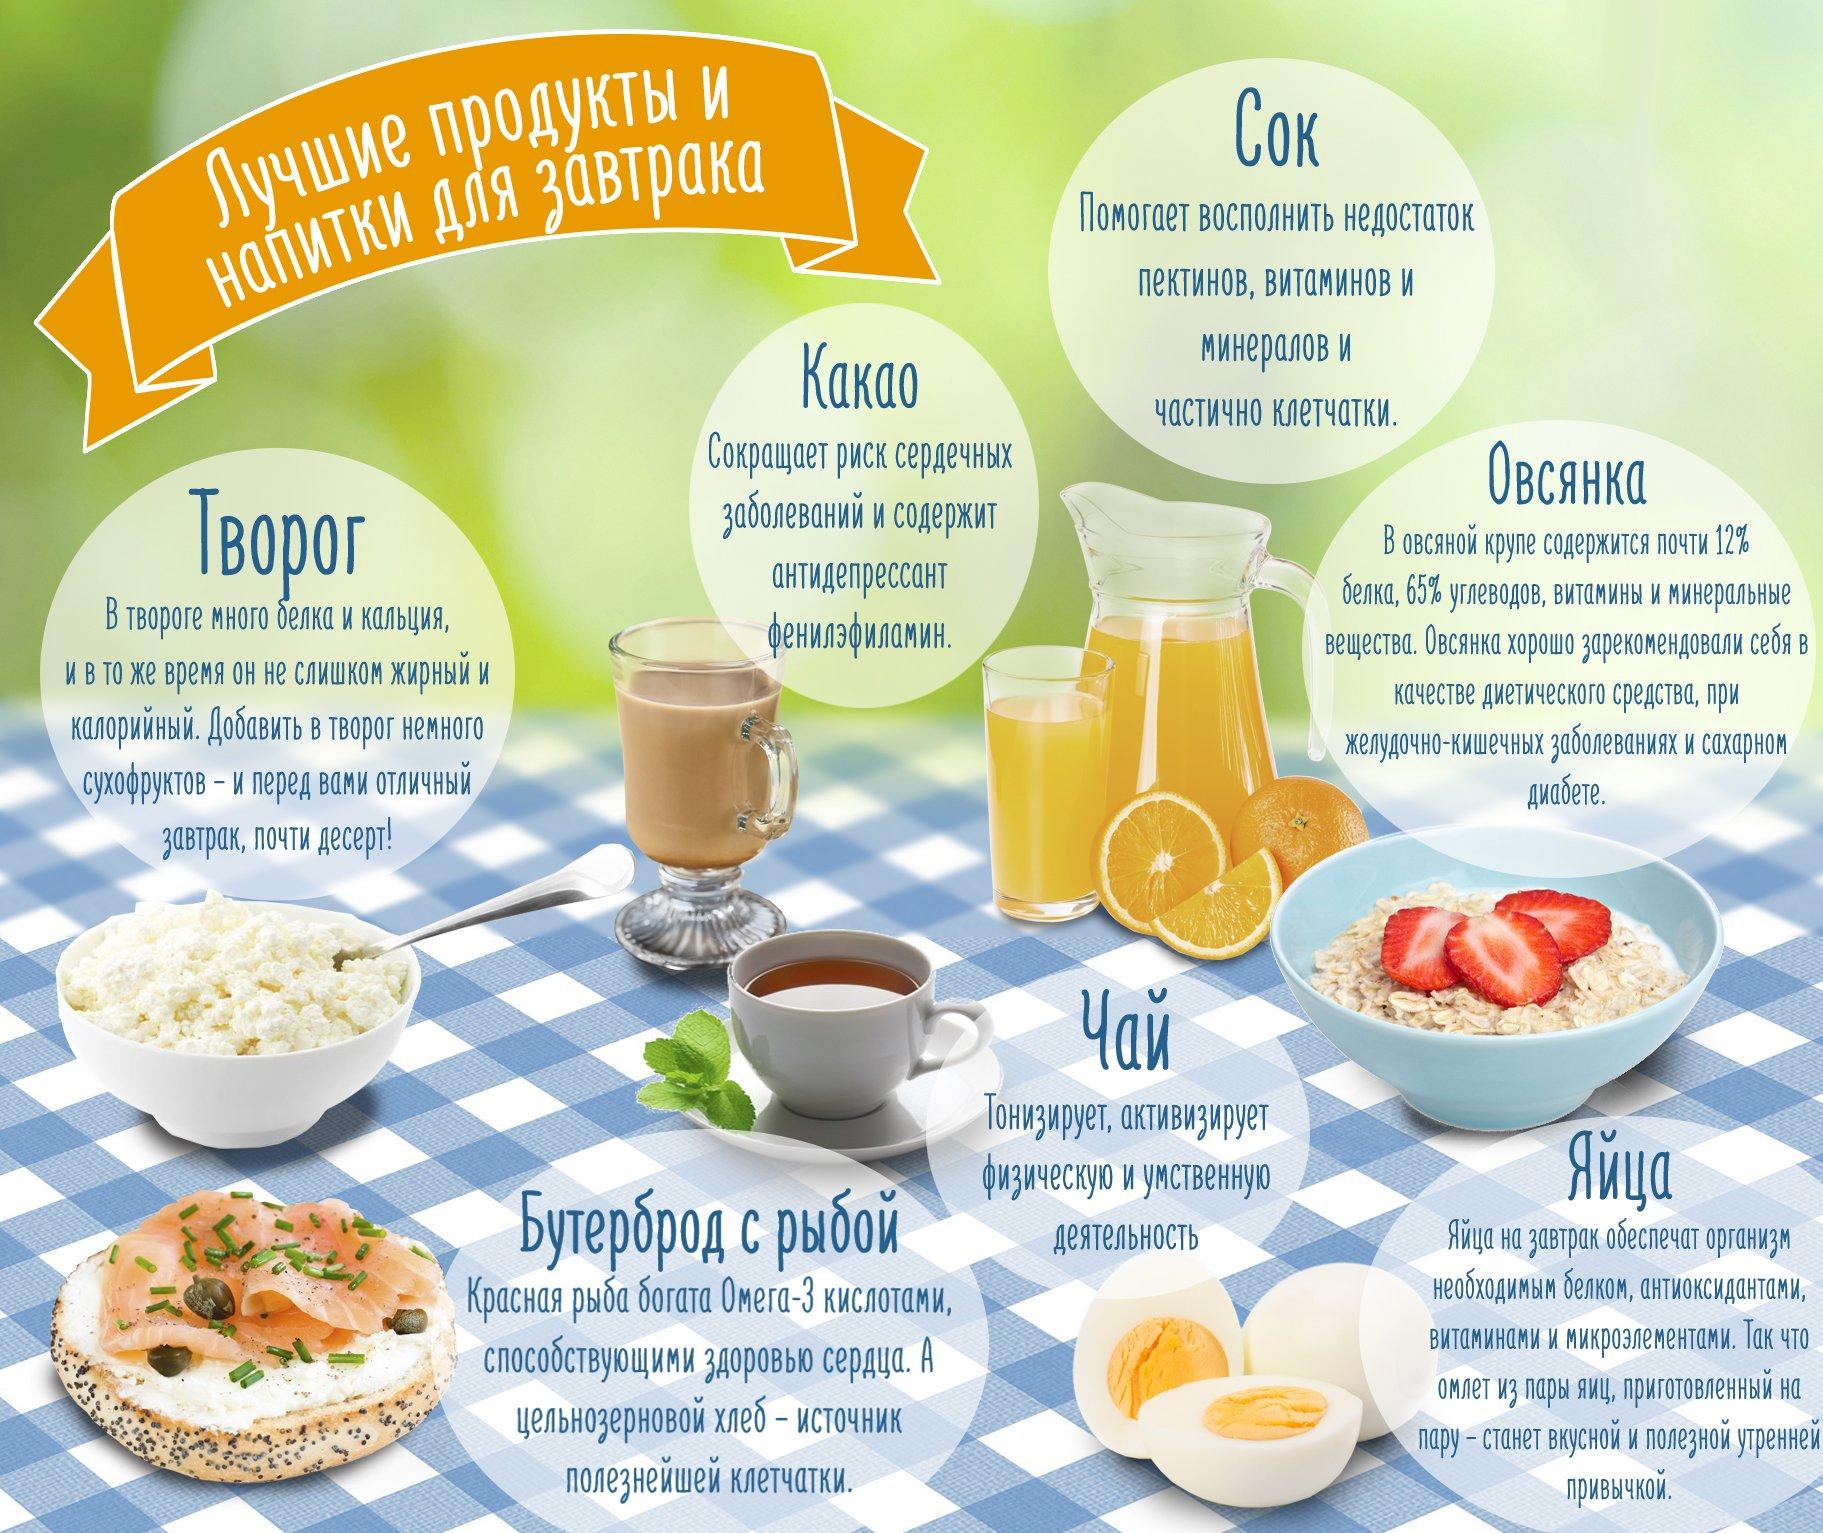 Варианты Завтрака На Правильном Питании Для Похудения. Полезный завтрак: правильное питание для похудения